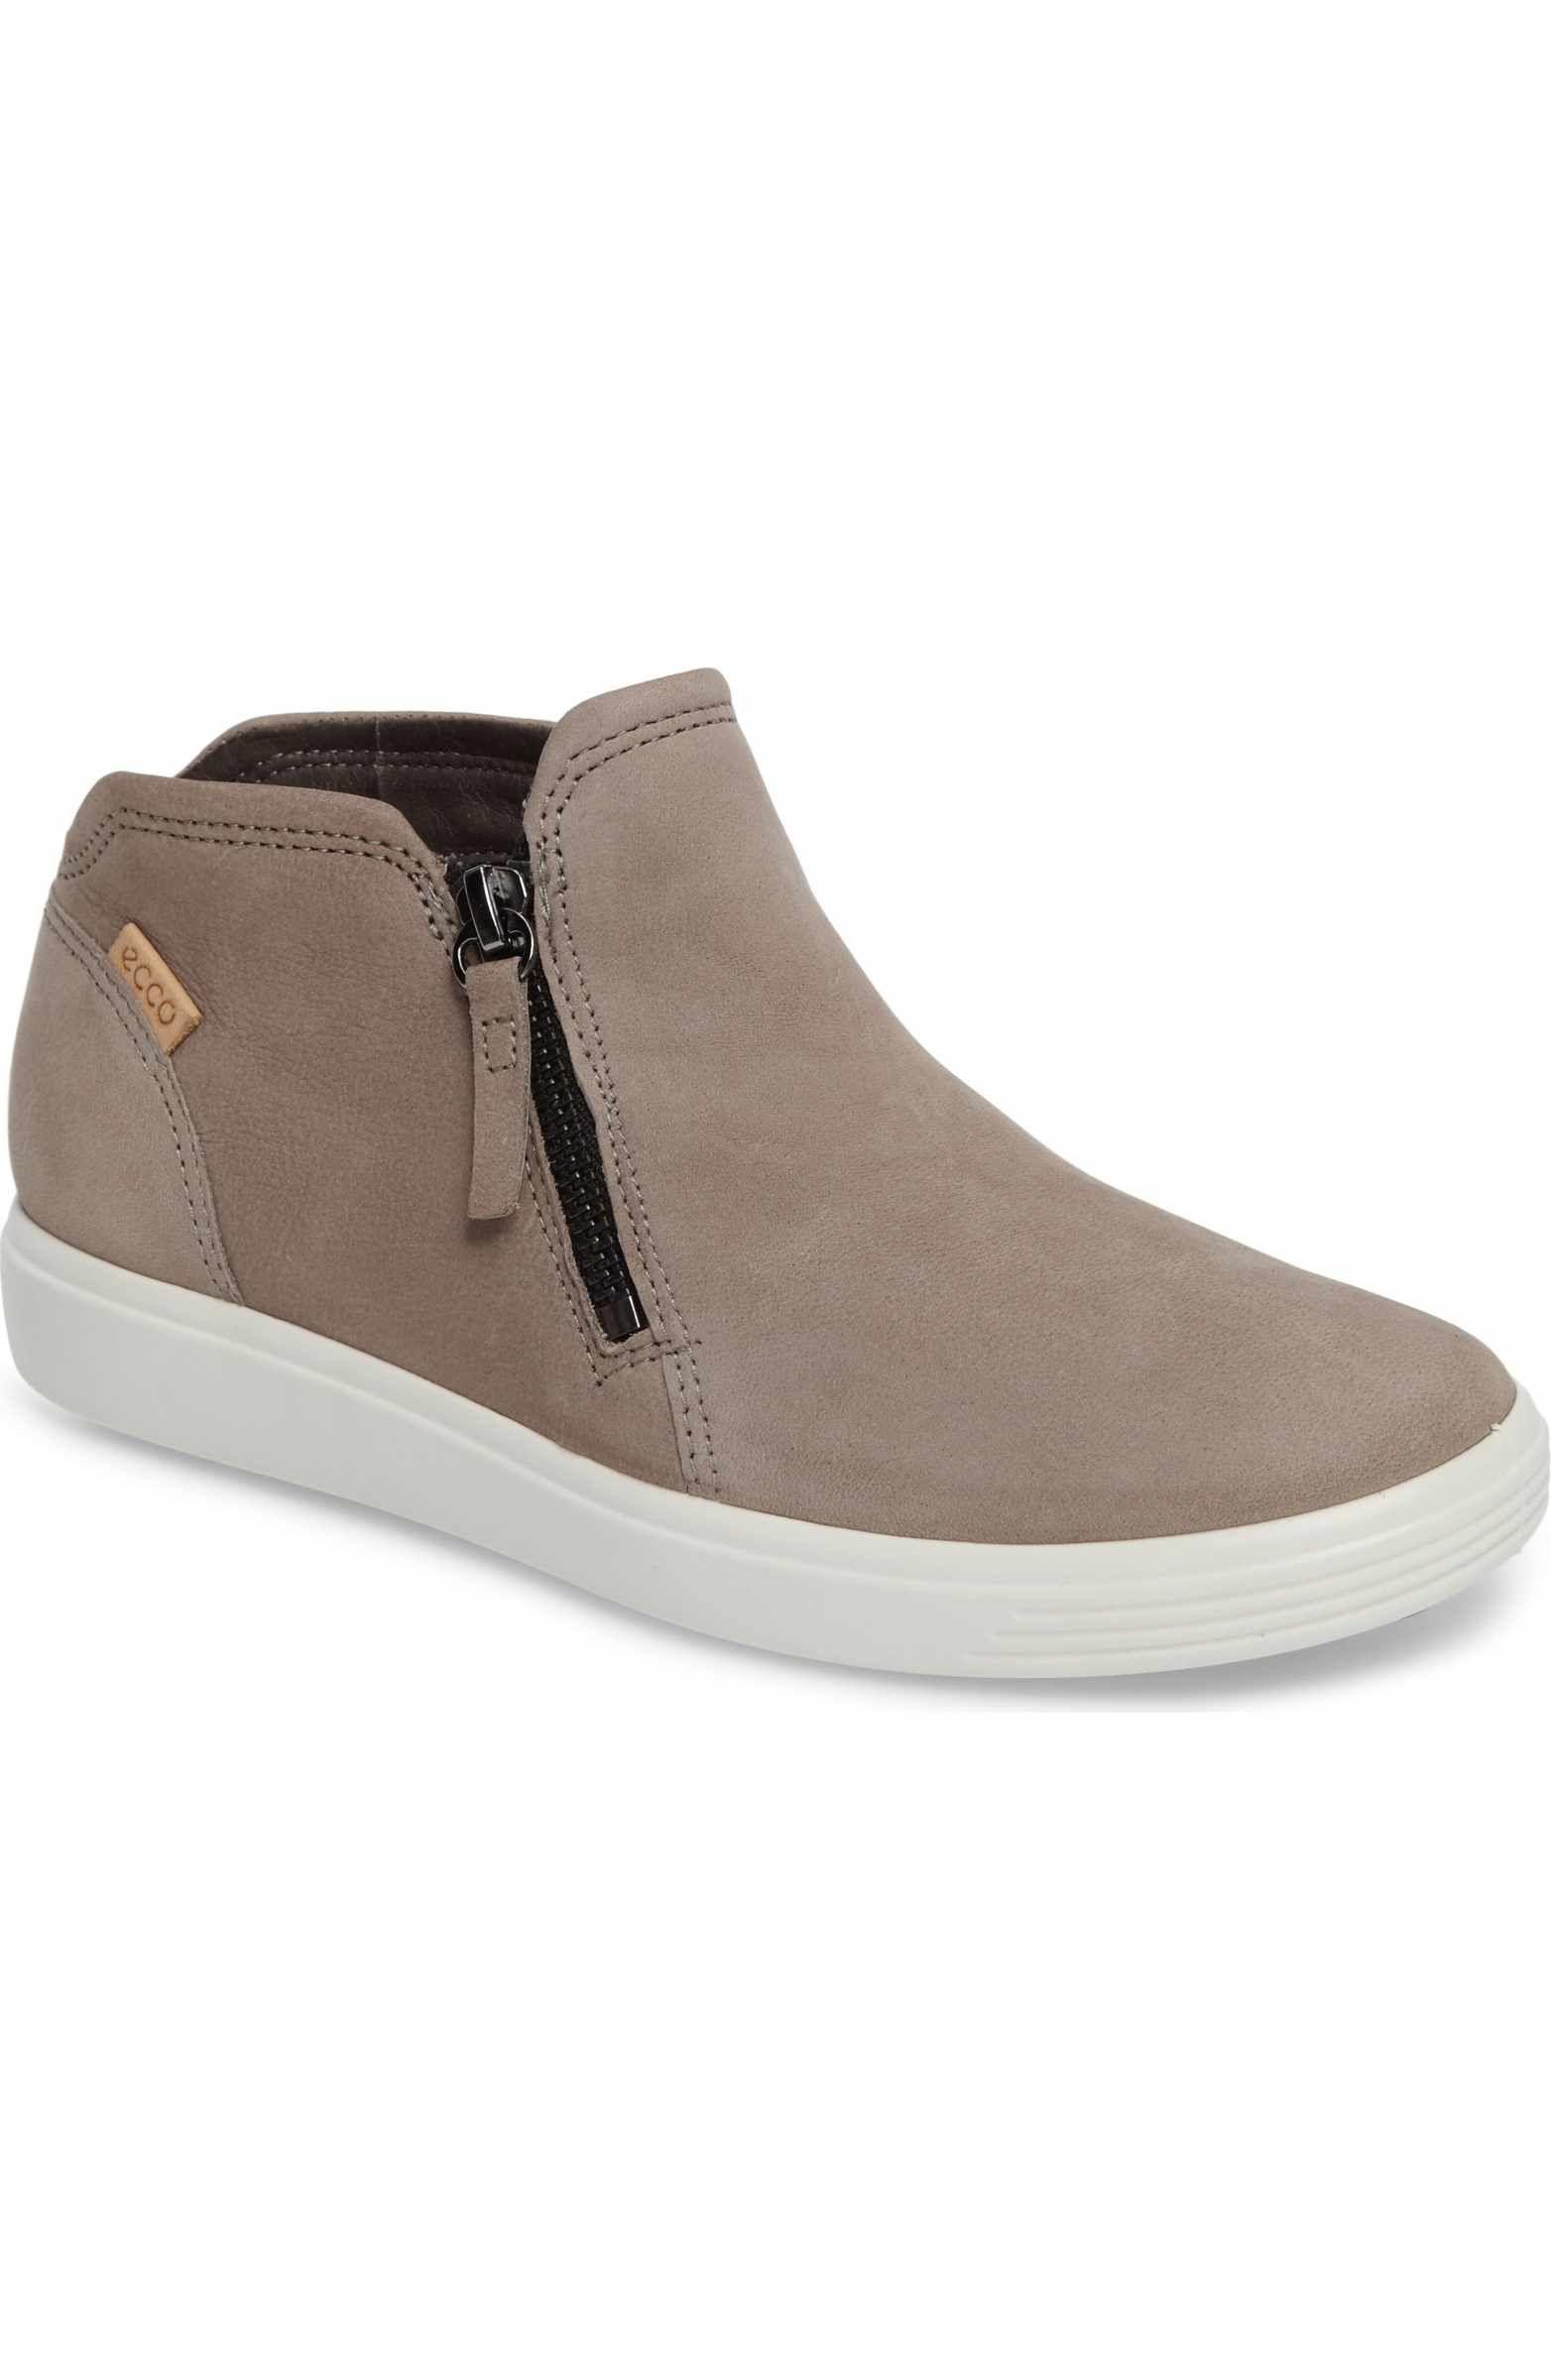 abd88aa1299b Nordstrom. ECCO Soft 7 Mid Top Sneaker (Women)